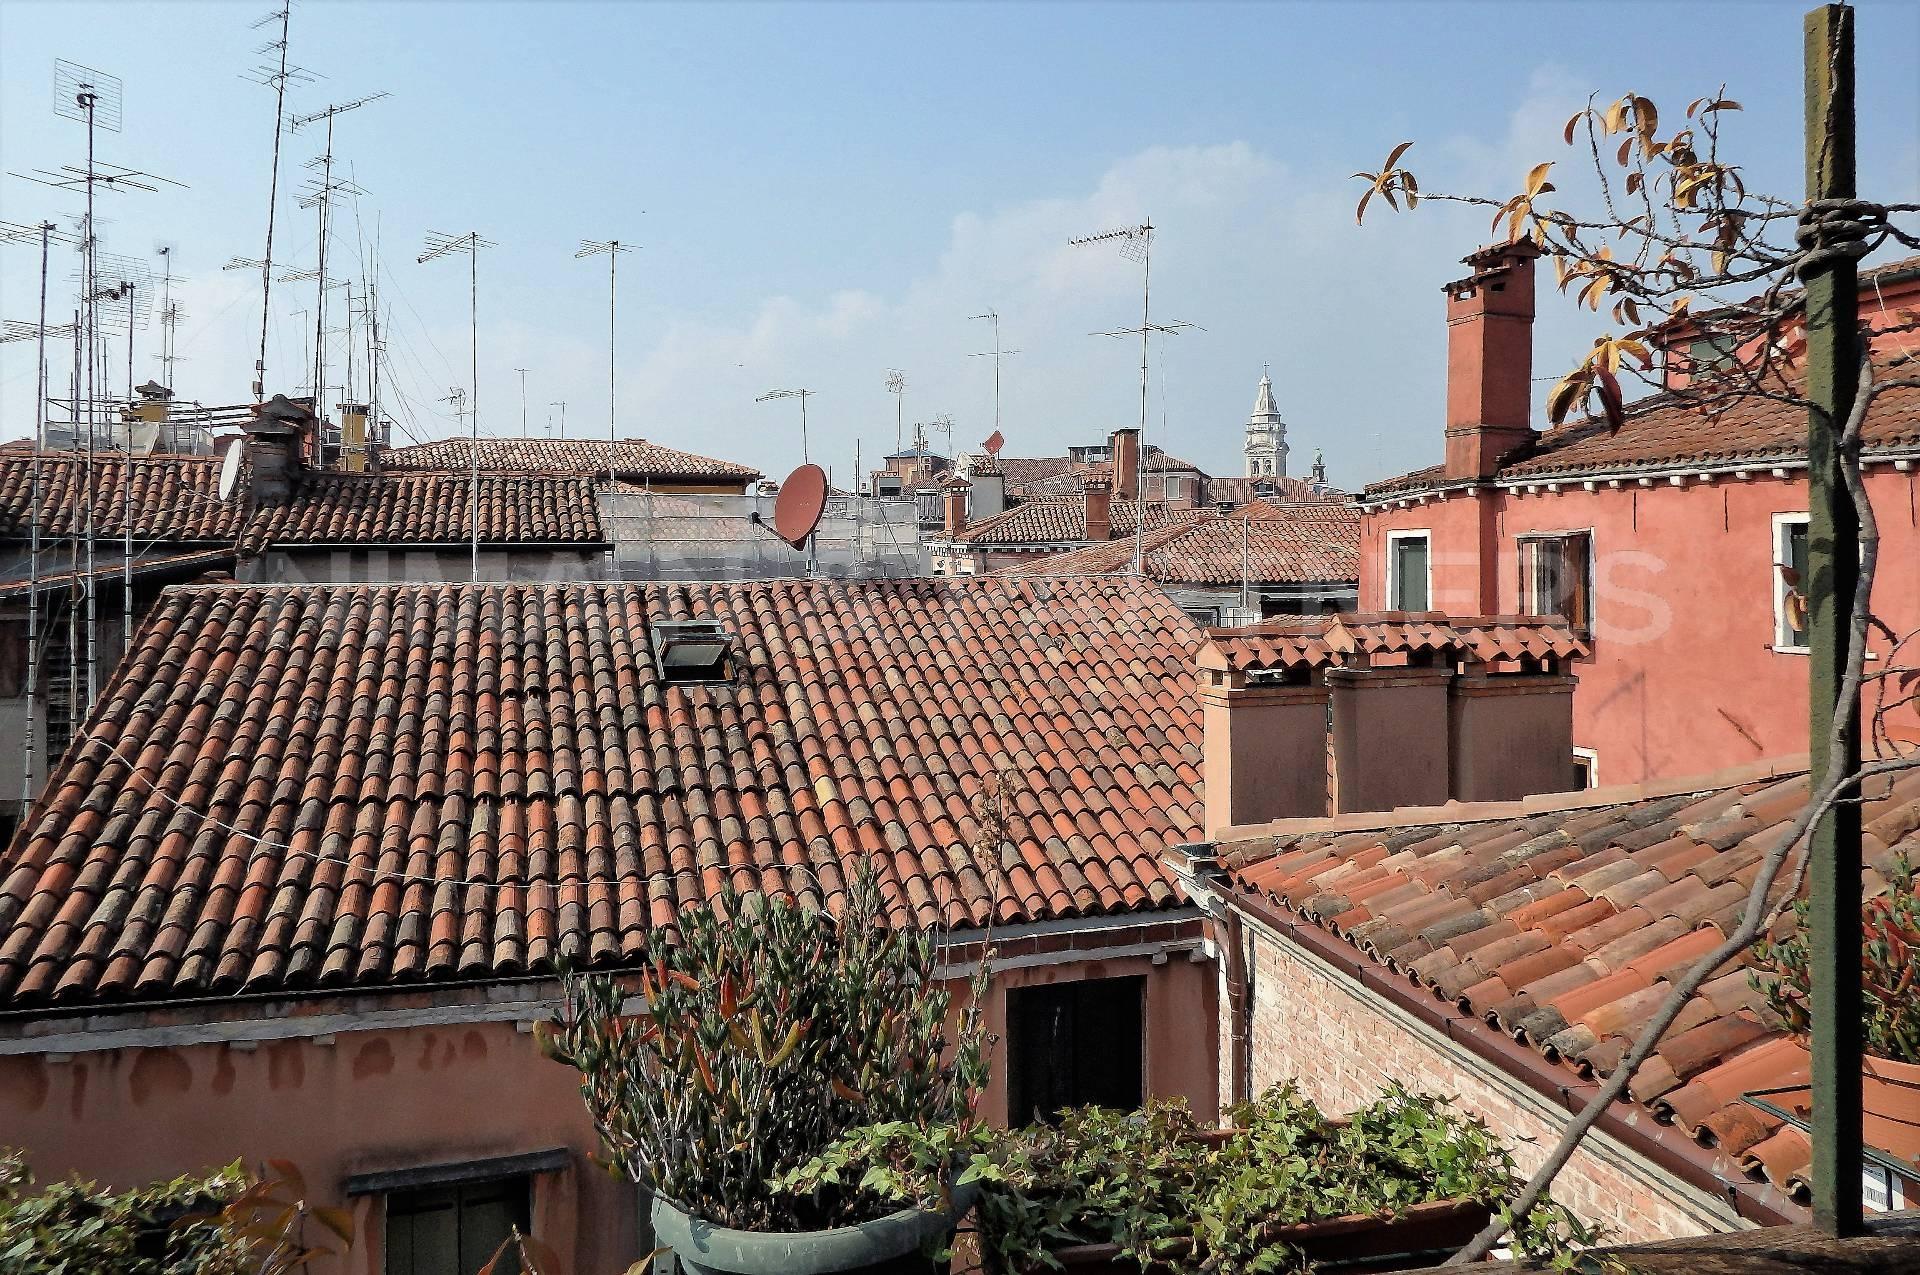 Appartamento in vendita a Venezia, 5 locali, zona Zona: 4 . Castello, prezzo € 1.200.000 | Cambio Casa.it